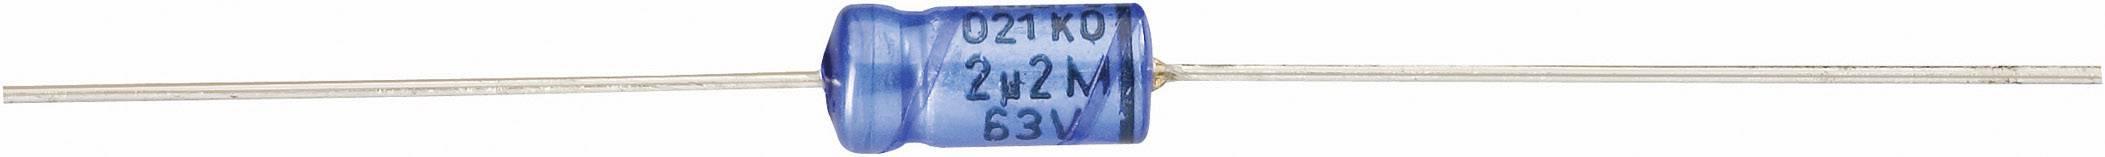 Elektrolytický kondenzátor Vishay 2222 021 38109, axiálne vývody, 10 µF, 63 V, 20 %, 1 ks